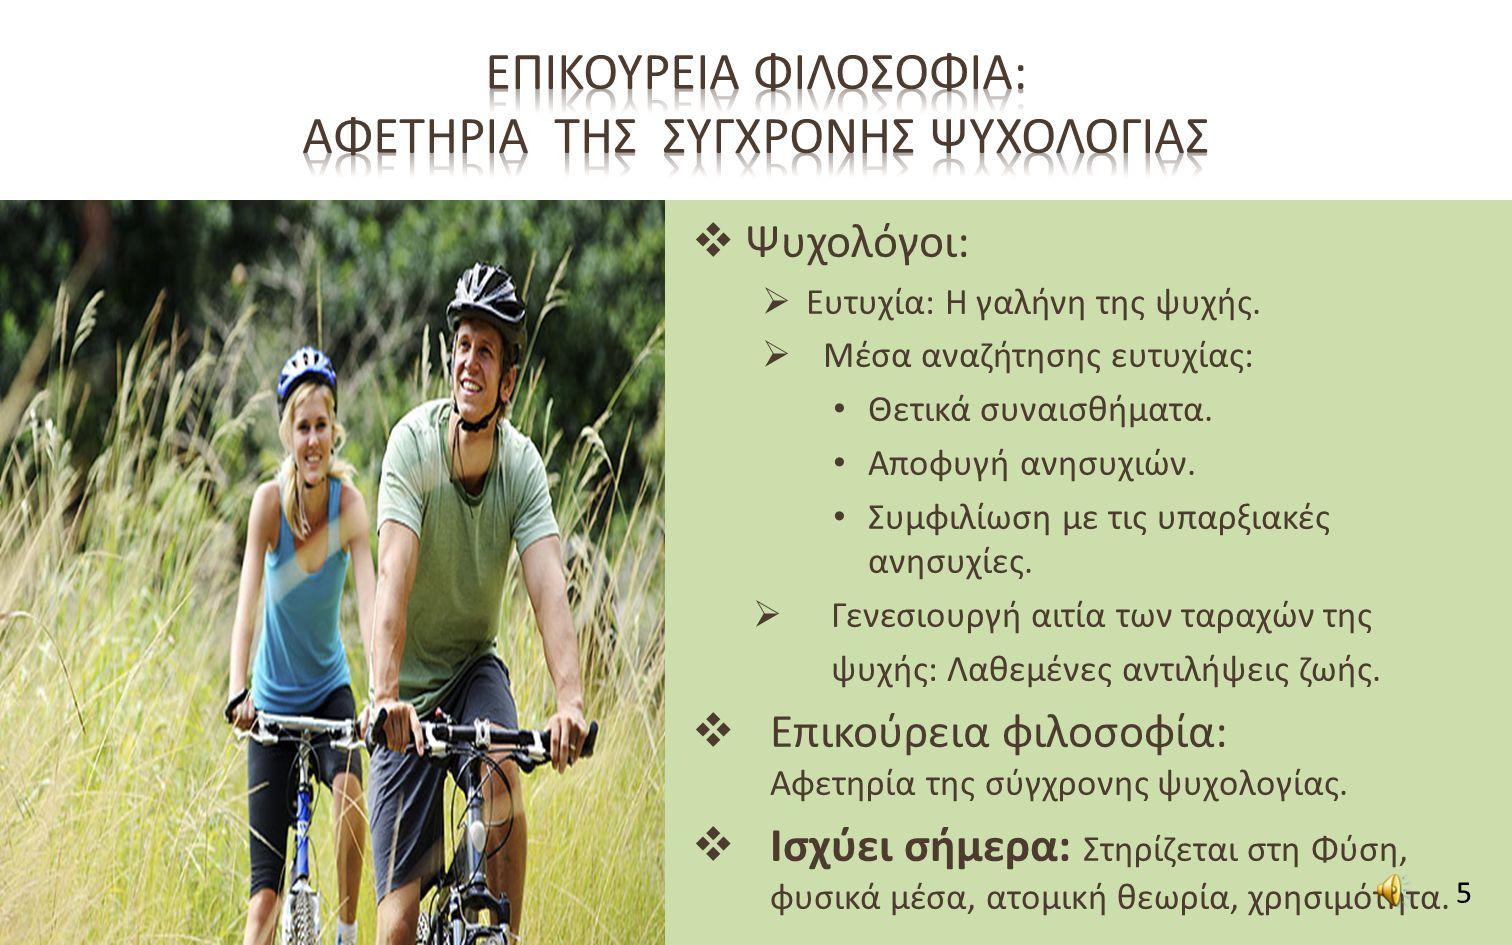  Ψυχολόγοι:  Ευτυχία: Η γαλήνη της ψυχής.  Μέσα αναζήτησης ευτυχίας: Θετικά συναισθήματα.